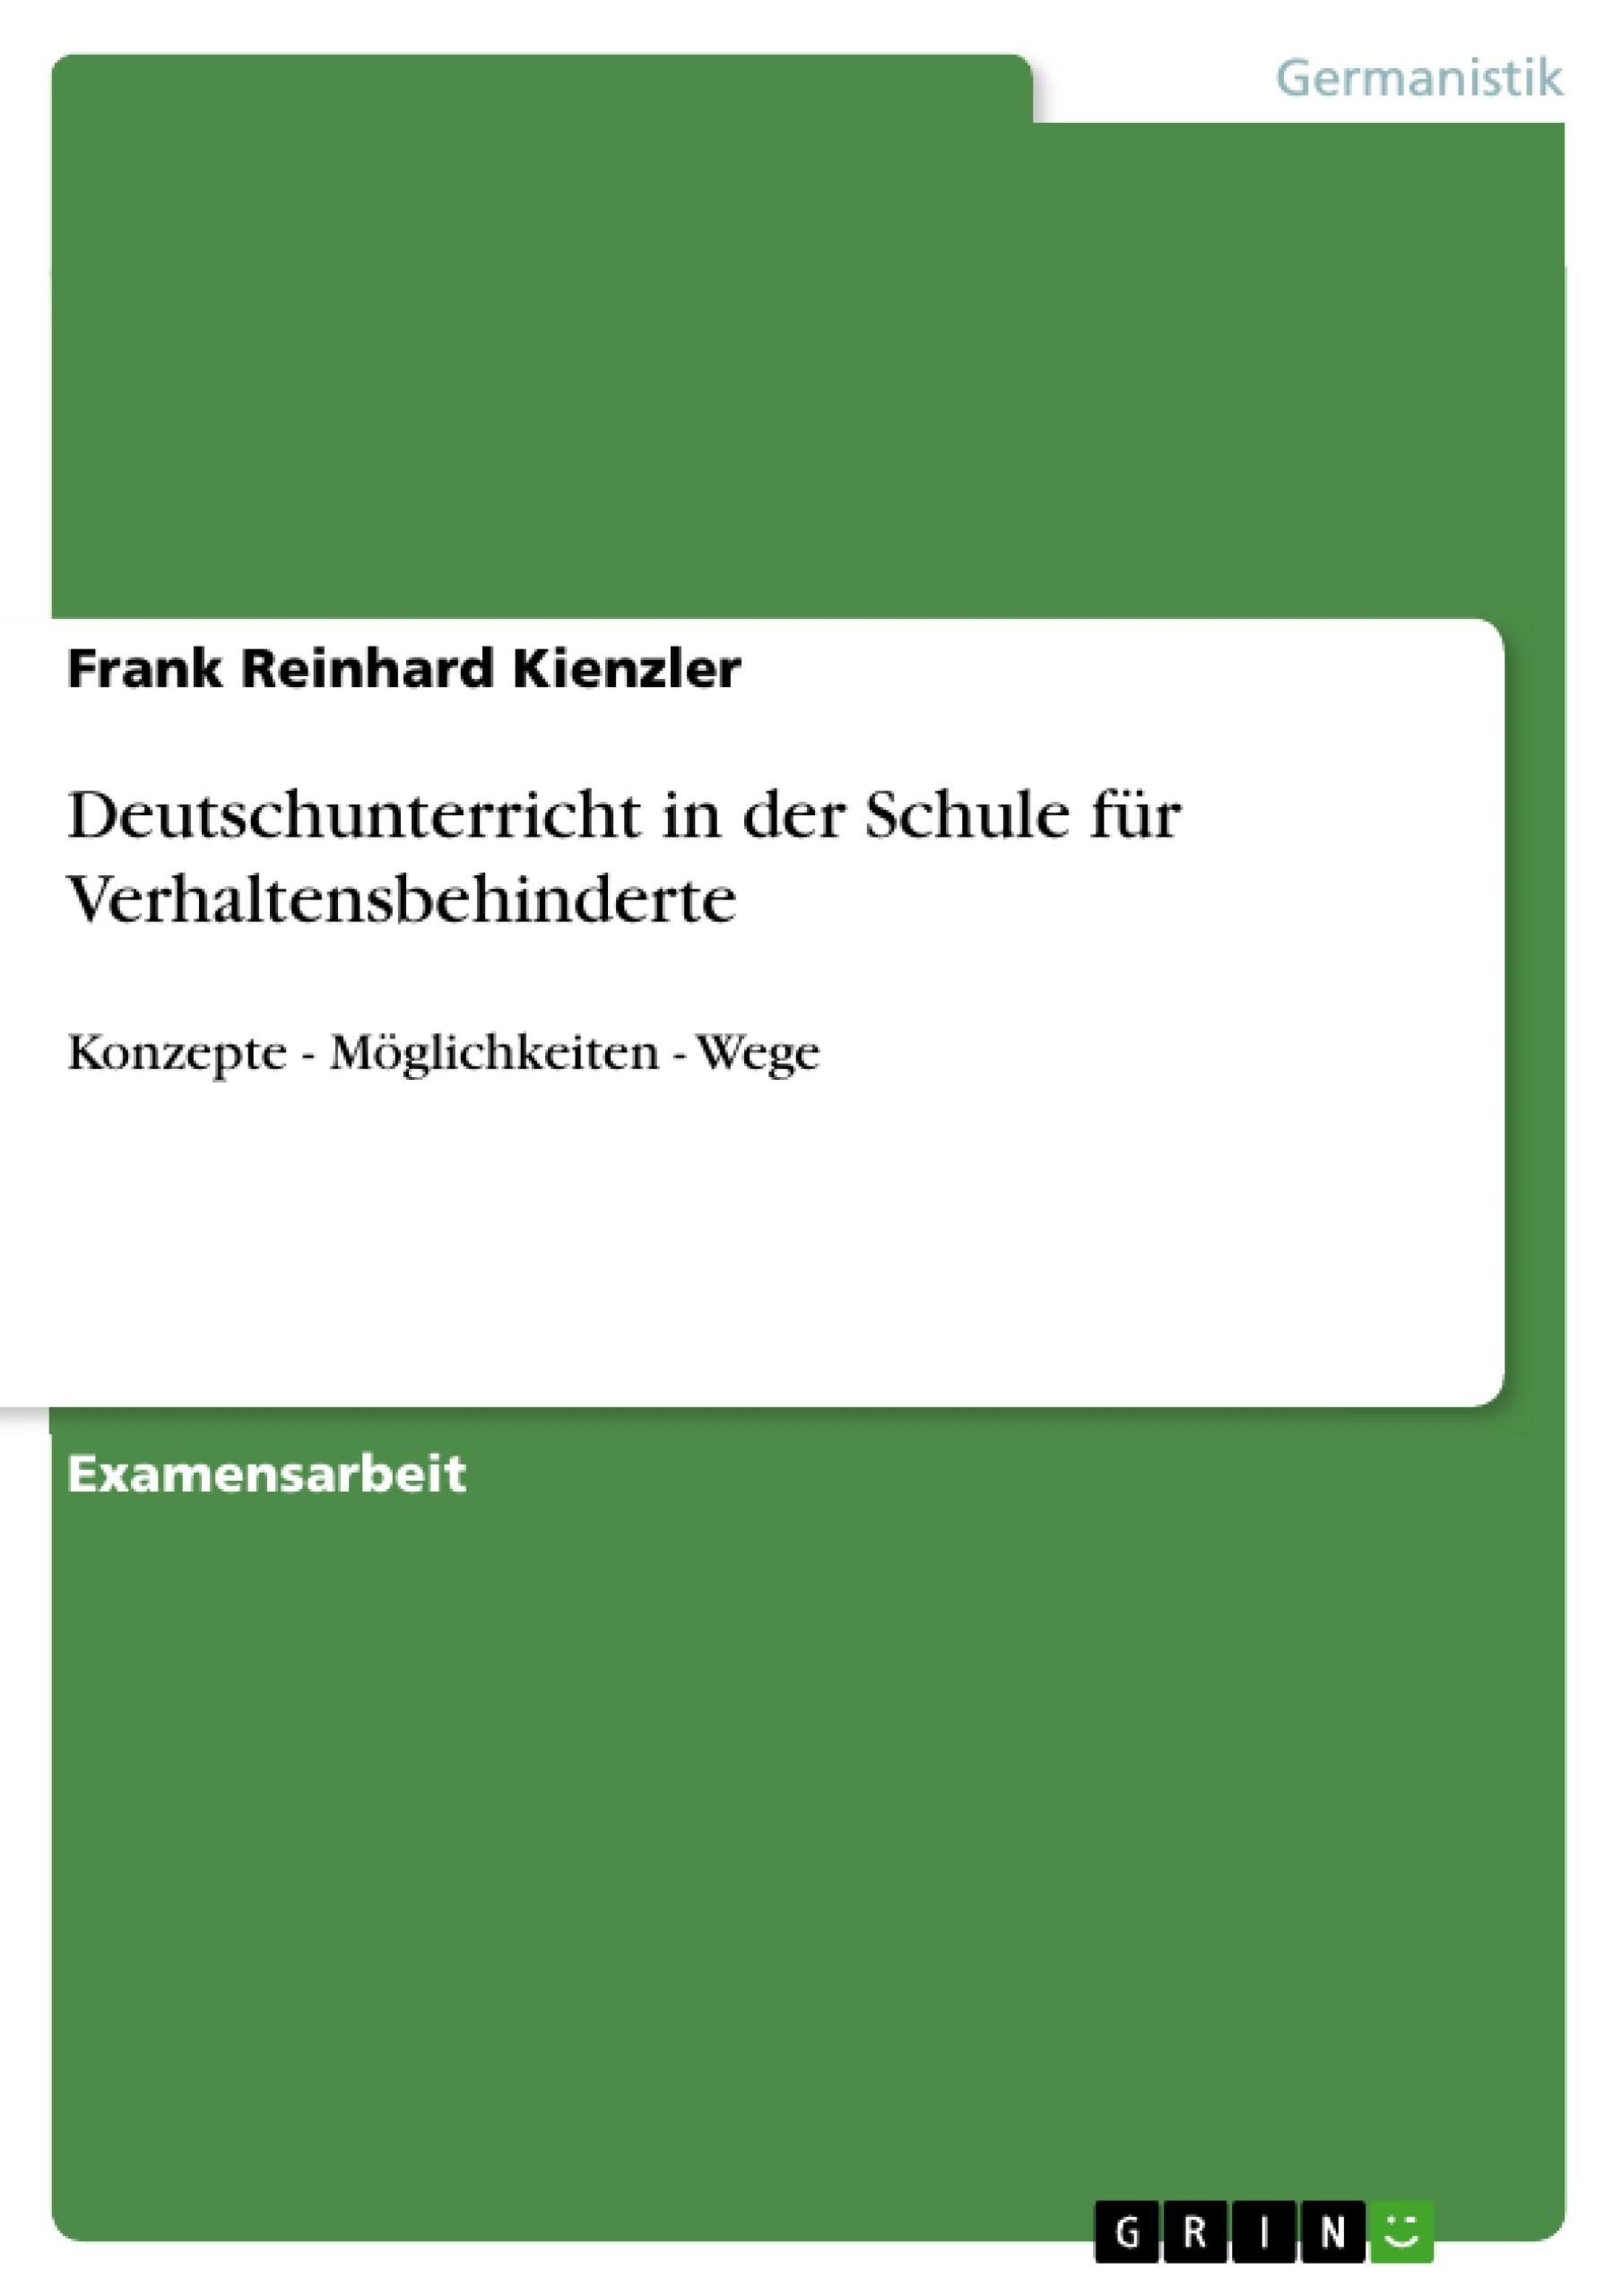 Titel: Deutschunterricht in der Schule für Verhaltensbehinderte